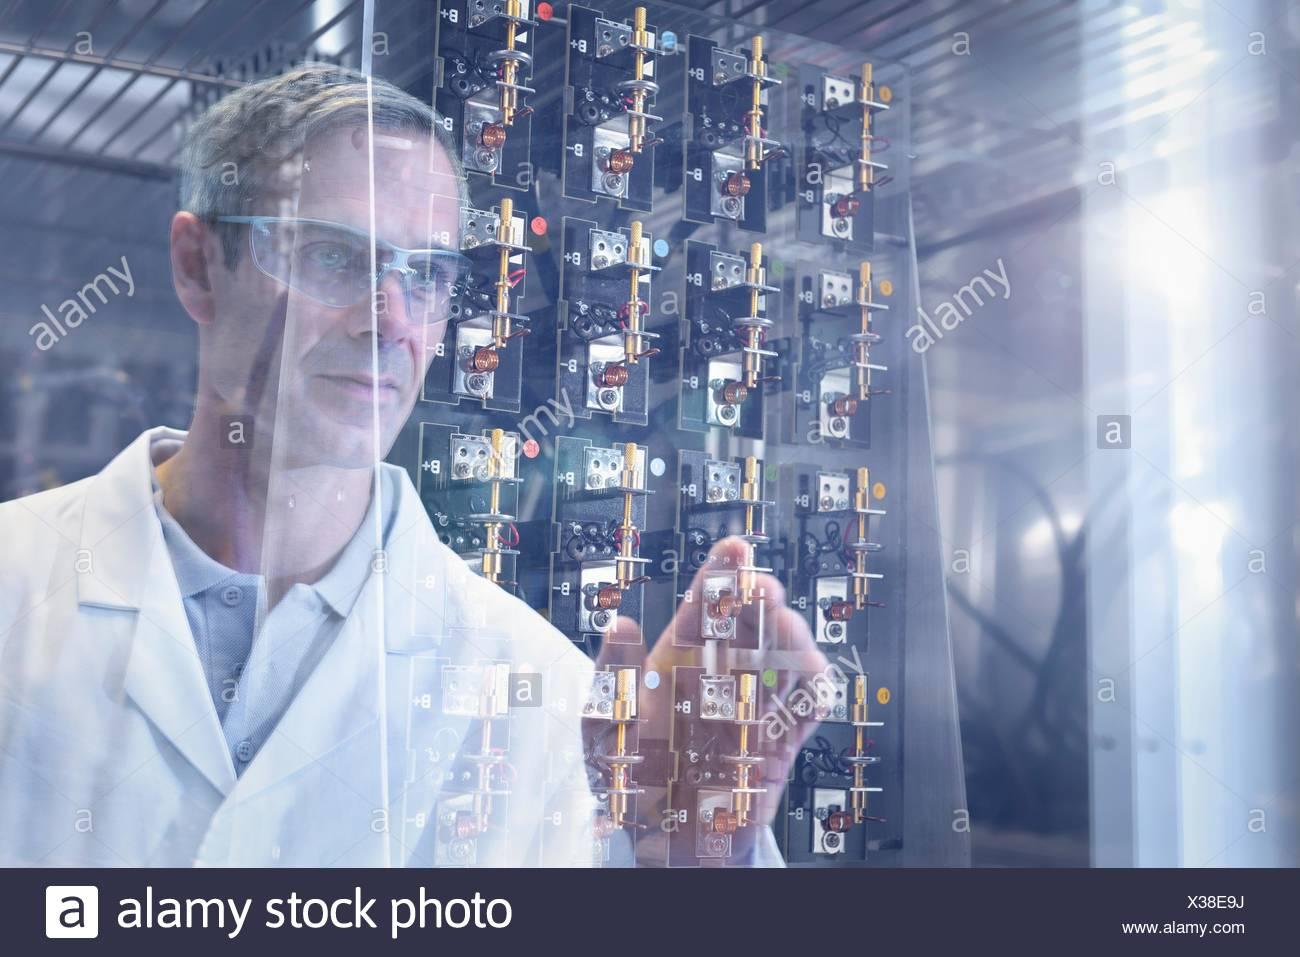 Test scientifique l'inspection des batteries au lithium-ion dans la chambre la chaleur dans l'installation de recherche de batterie Photo Stock